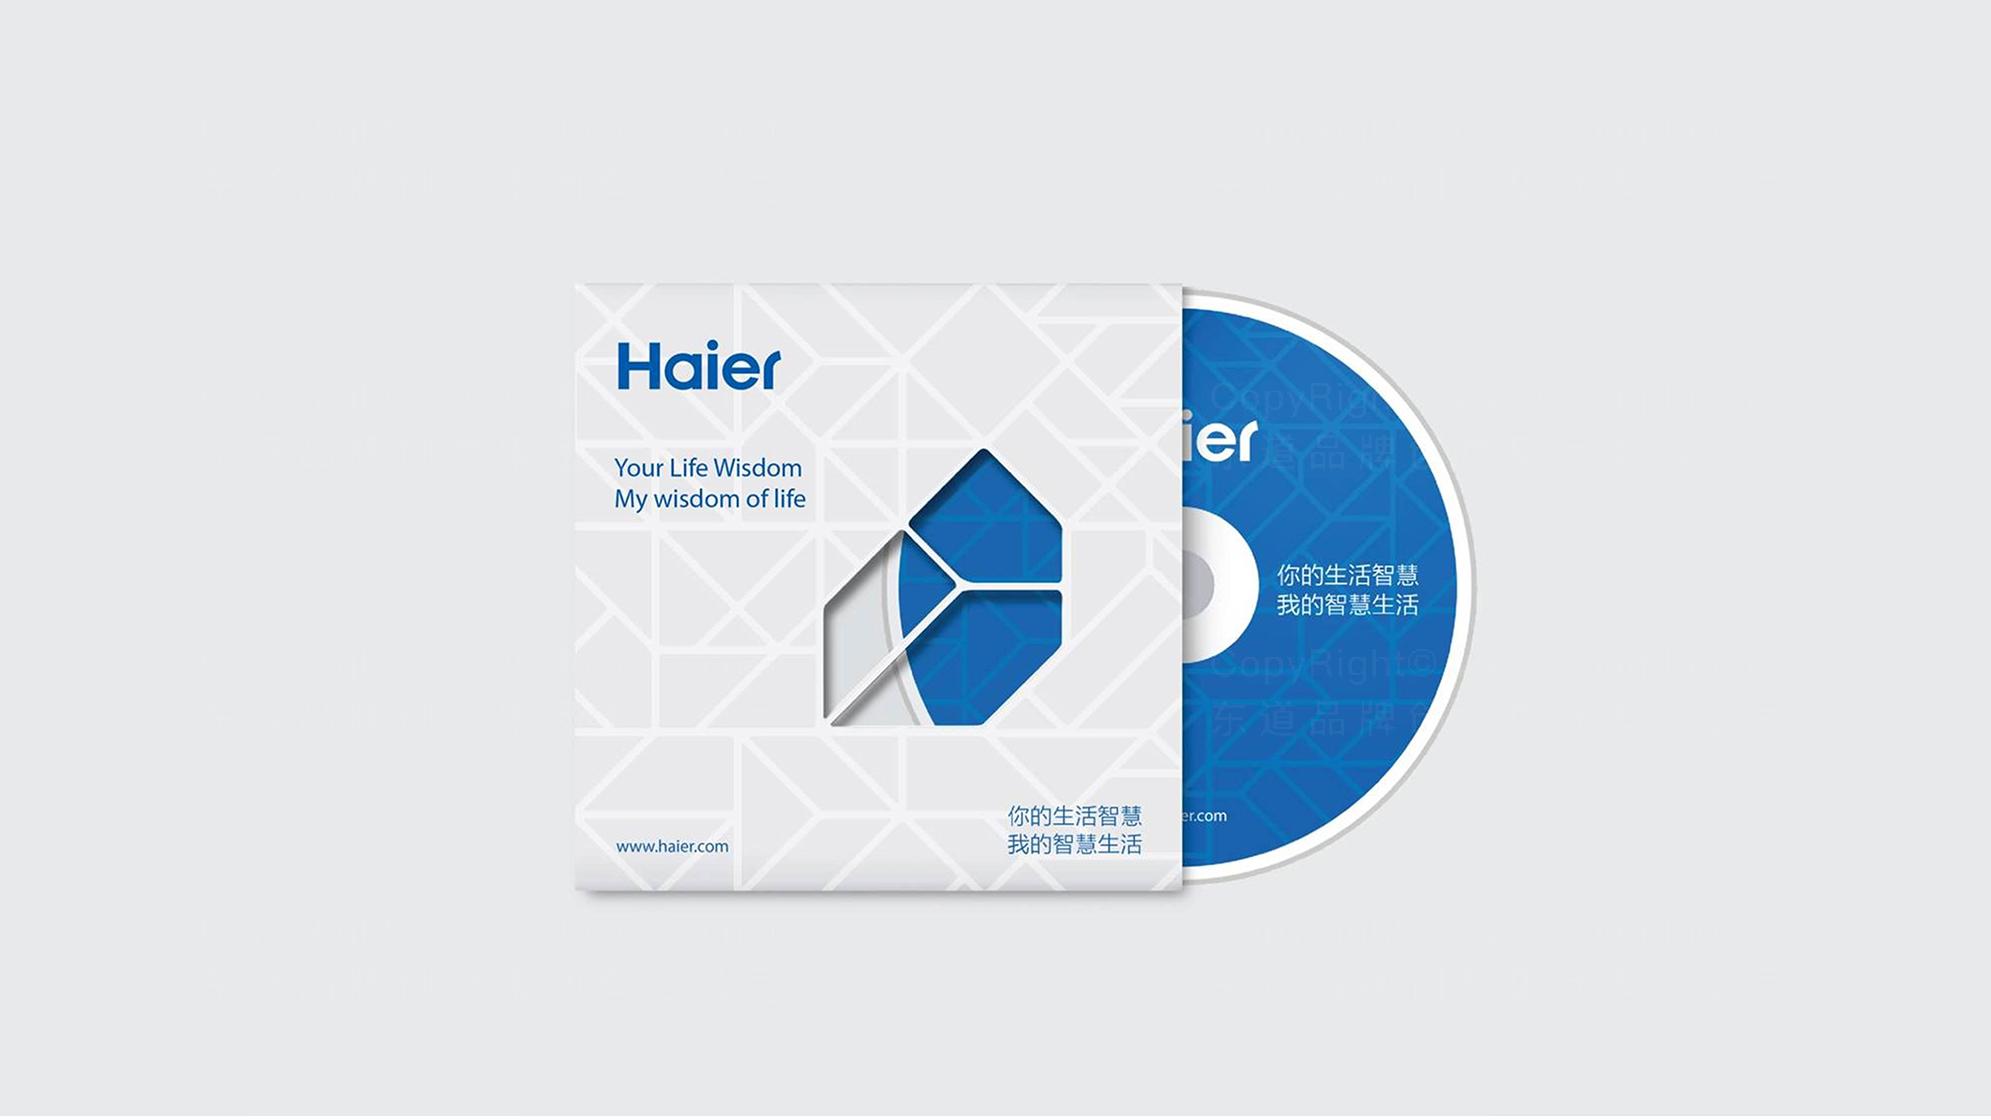 品牌设计海尔VI设计应用场景_3